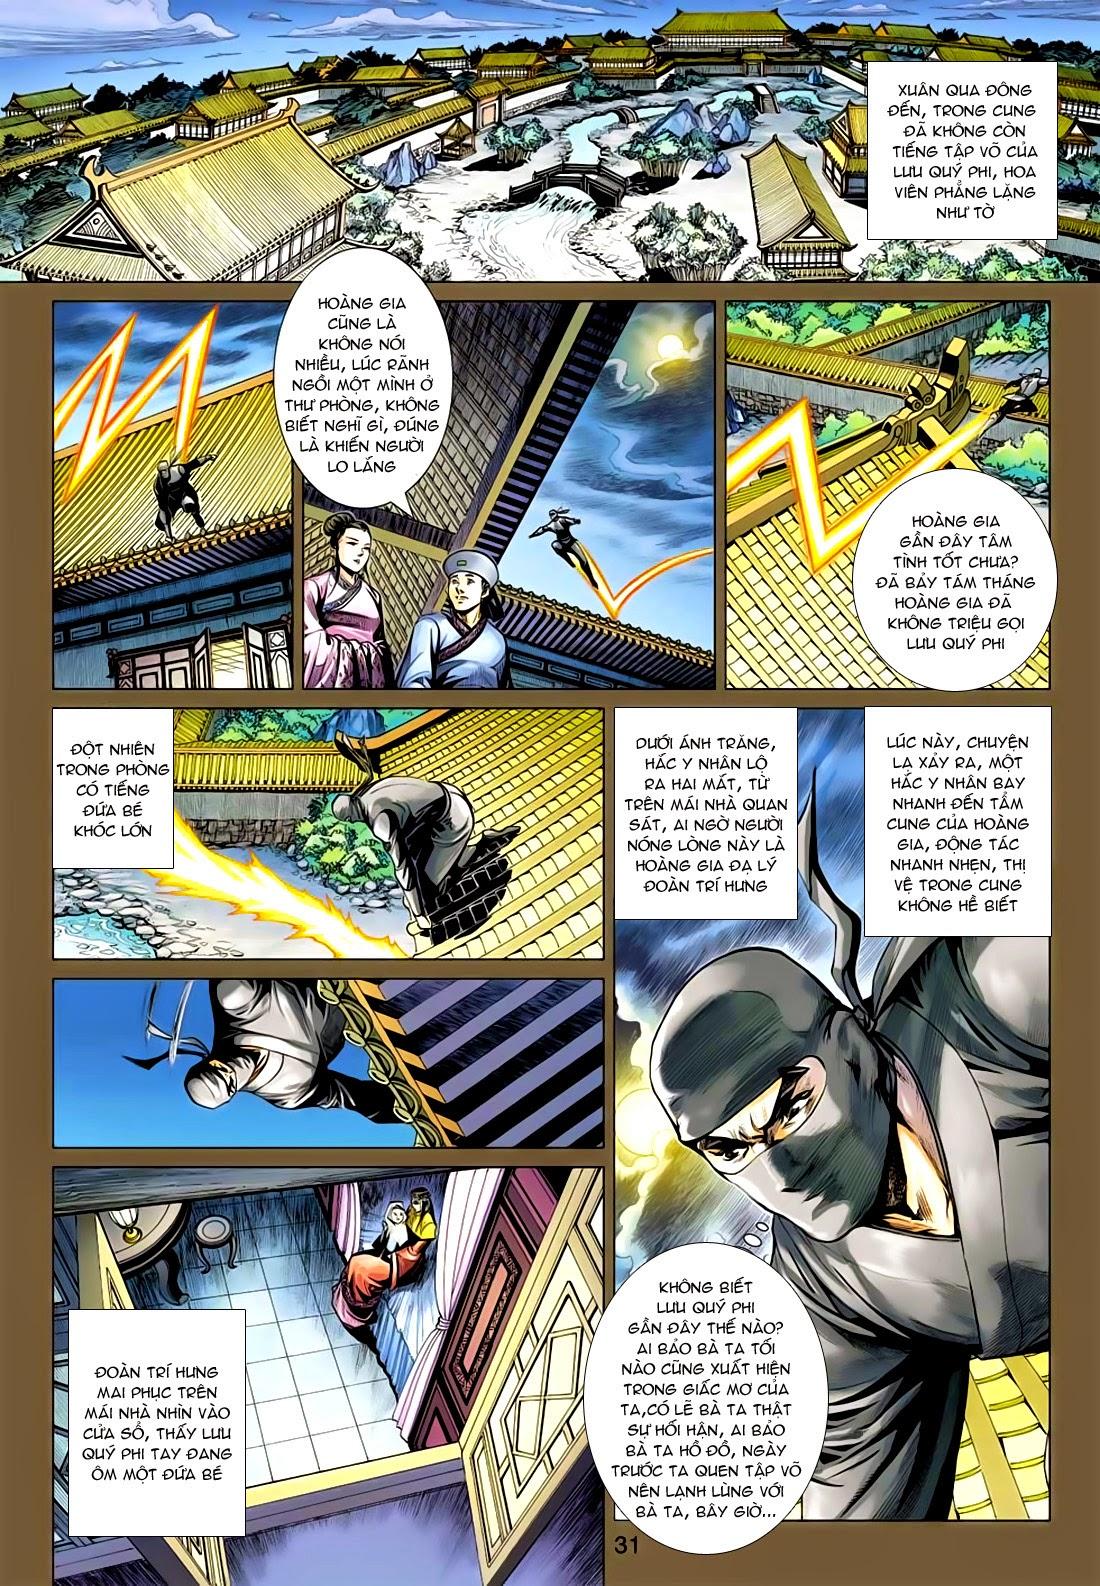 Anh Hùng Xạ Điêu anh hùng xạ đêu chap 77: thế thượng tối cường võ công trang 31